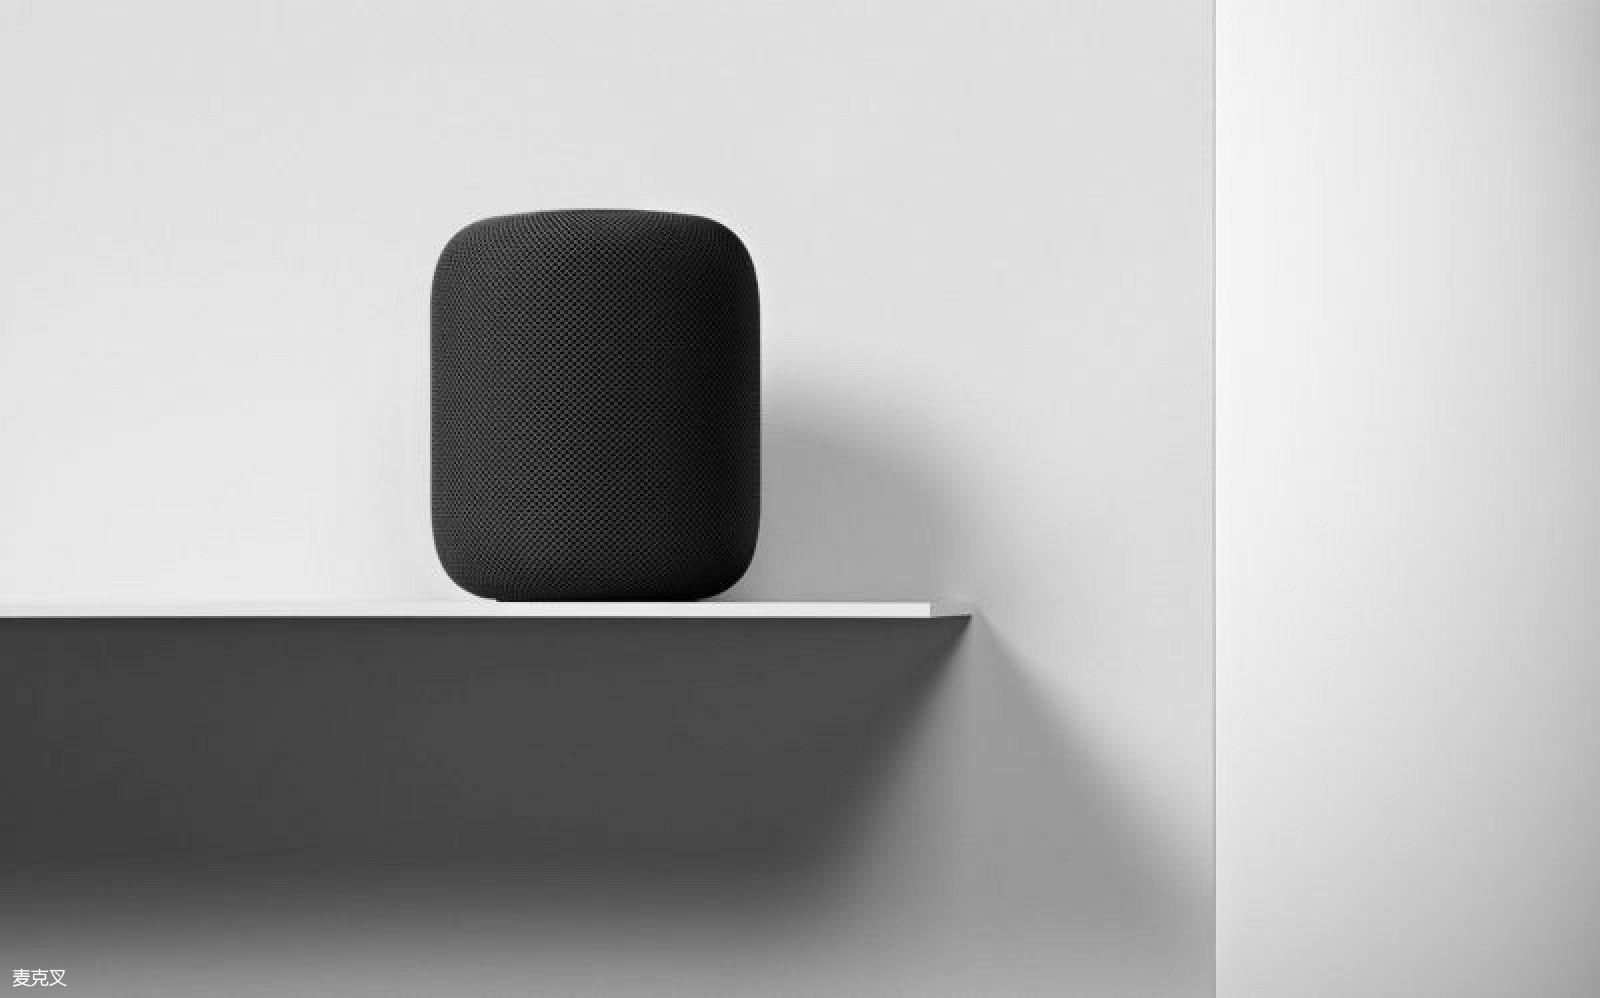 iOS 11.4 新功能:HomePod 将支持创建日历提醒事项